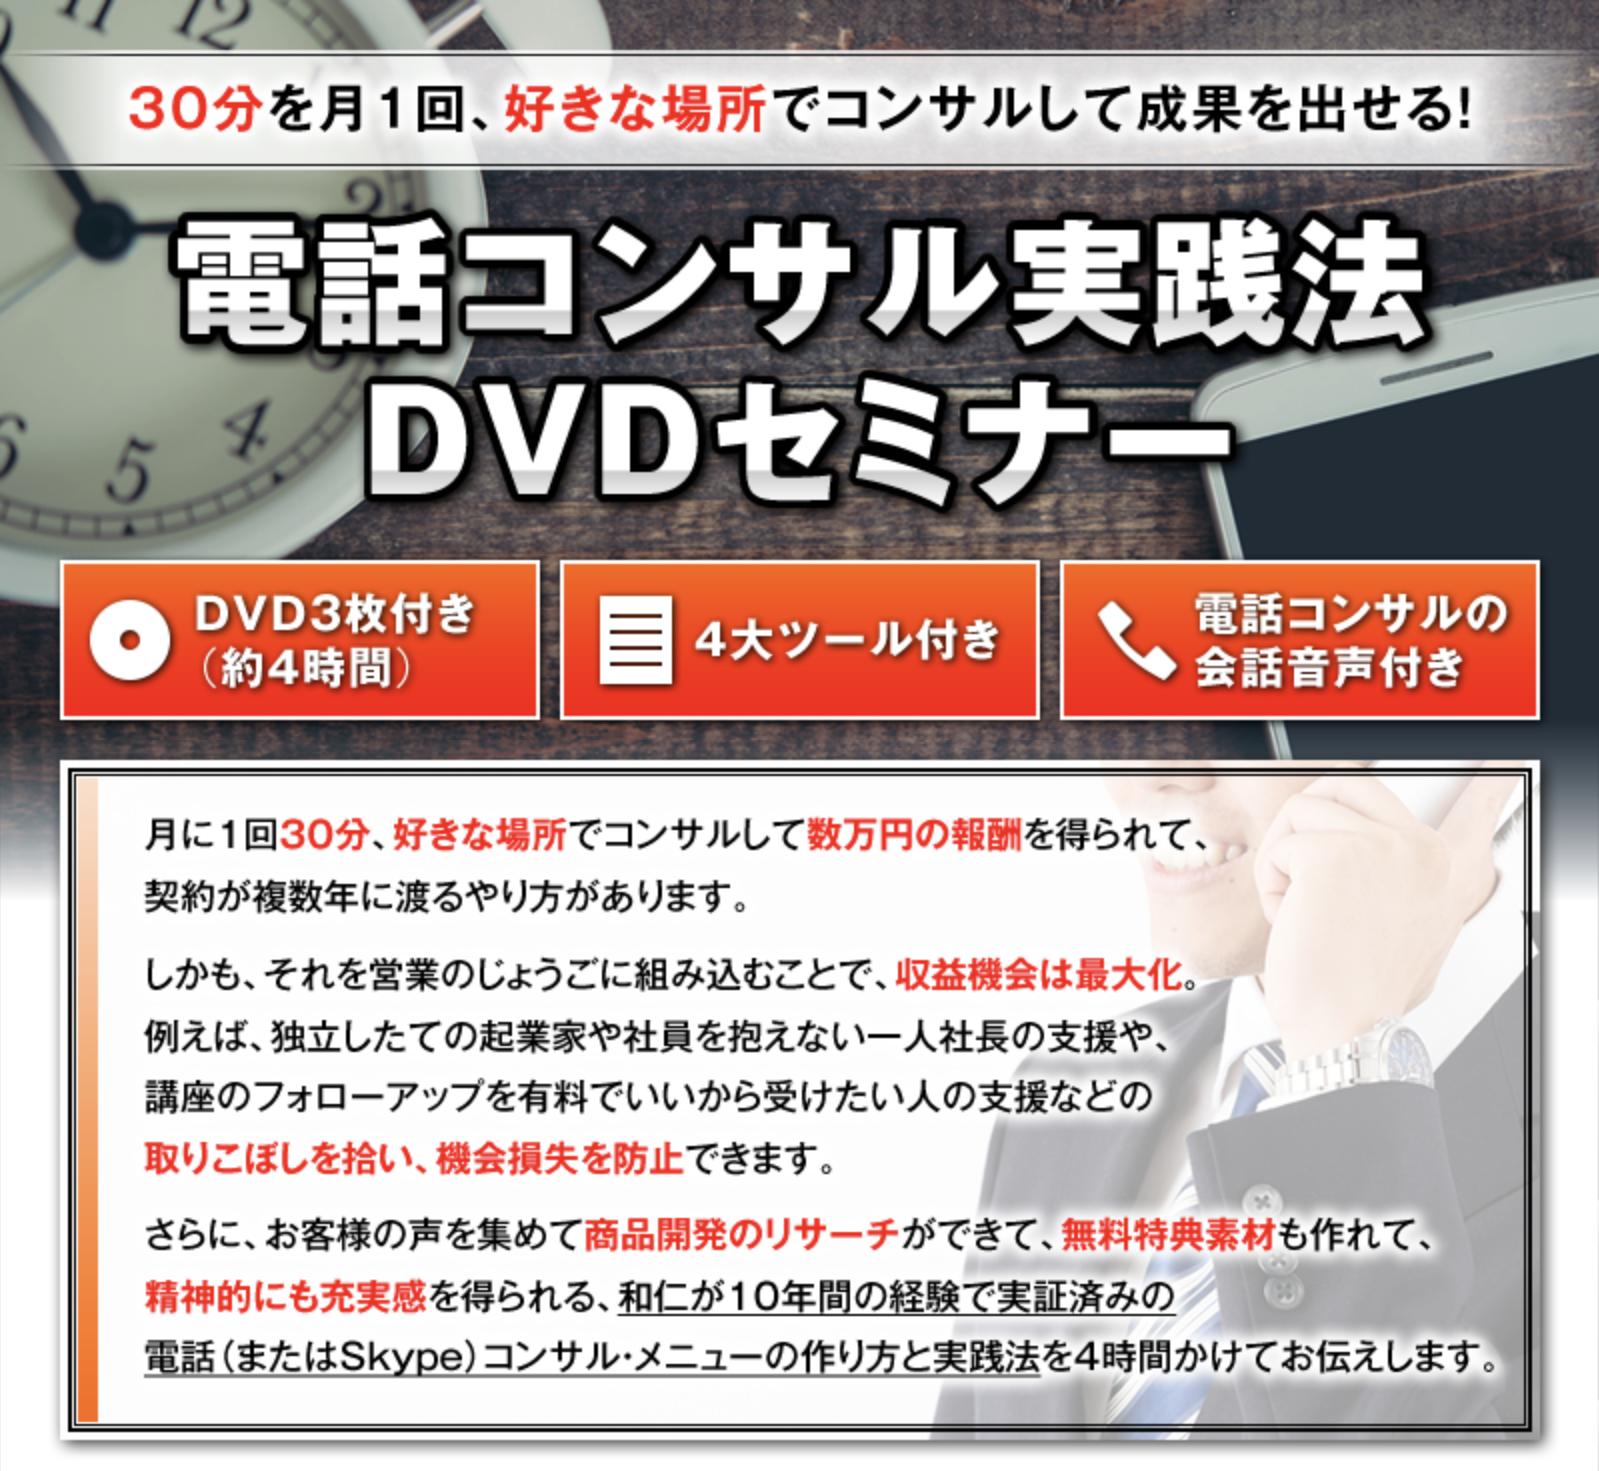 電話コンサル実践法DVDセミナー